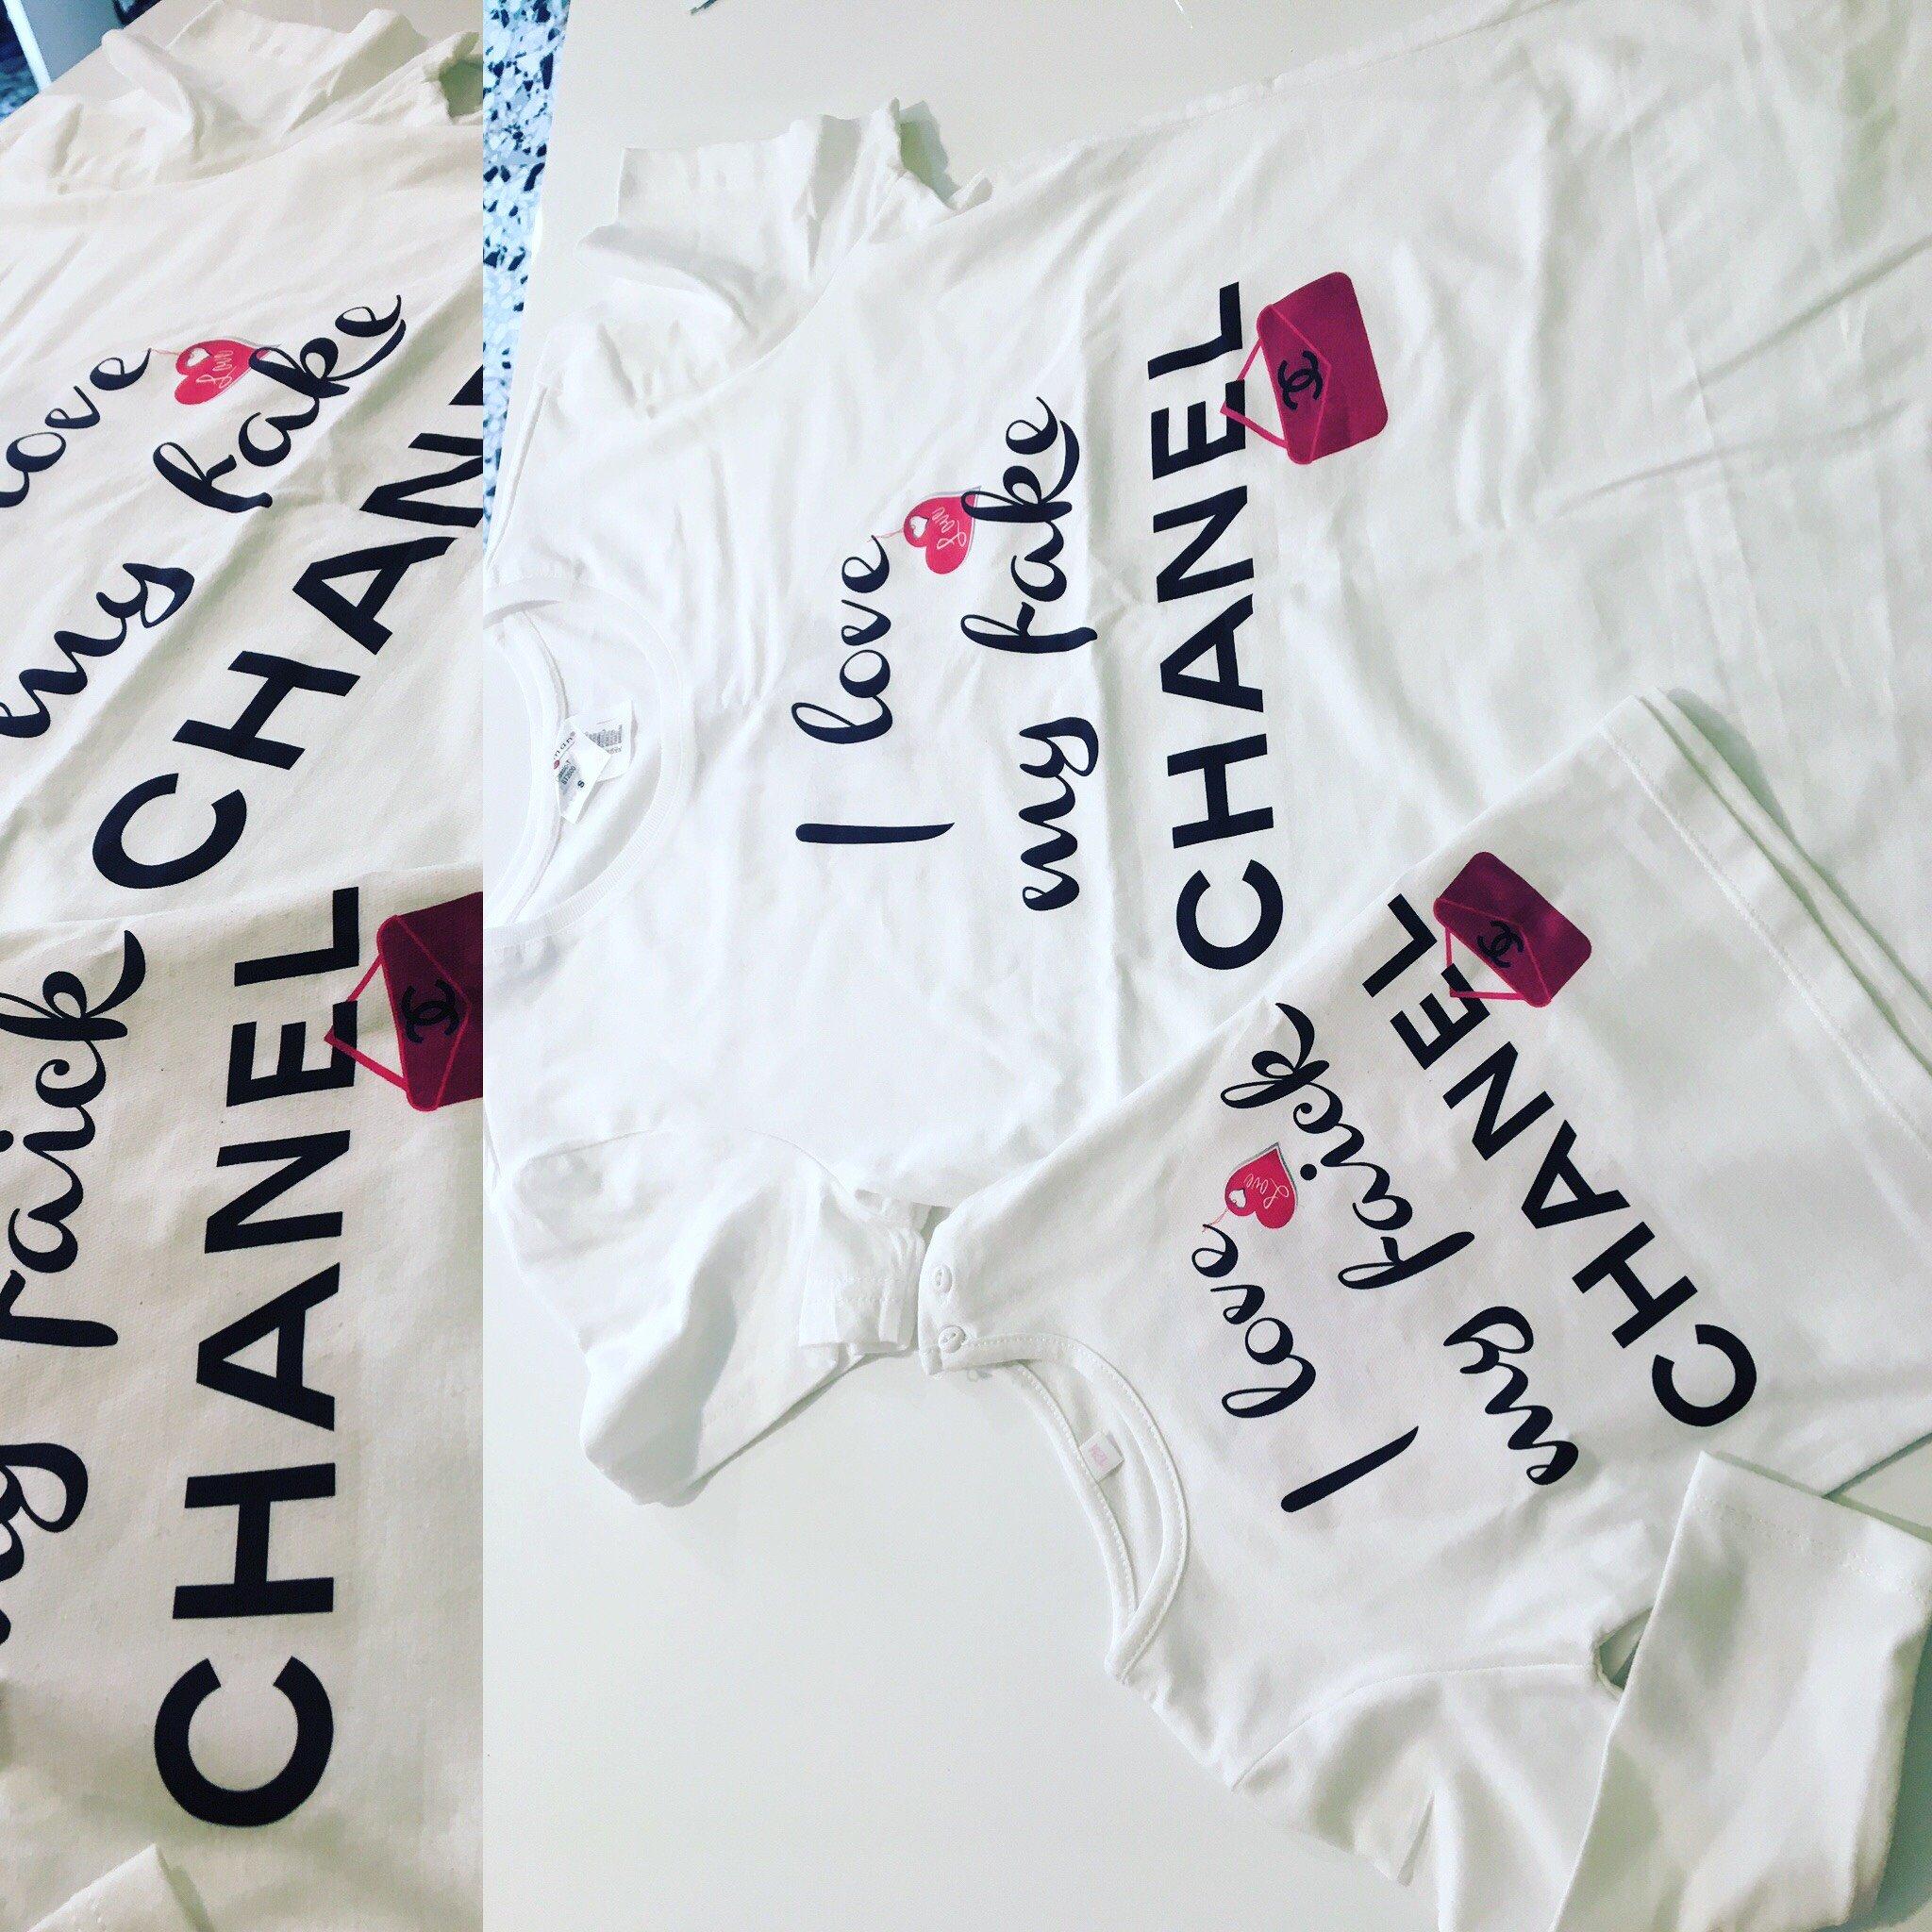 magliette chanel